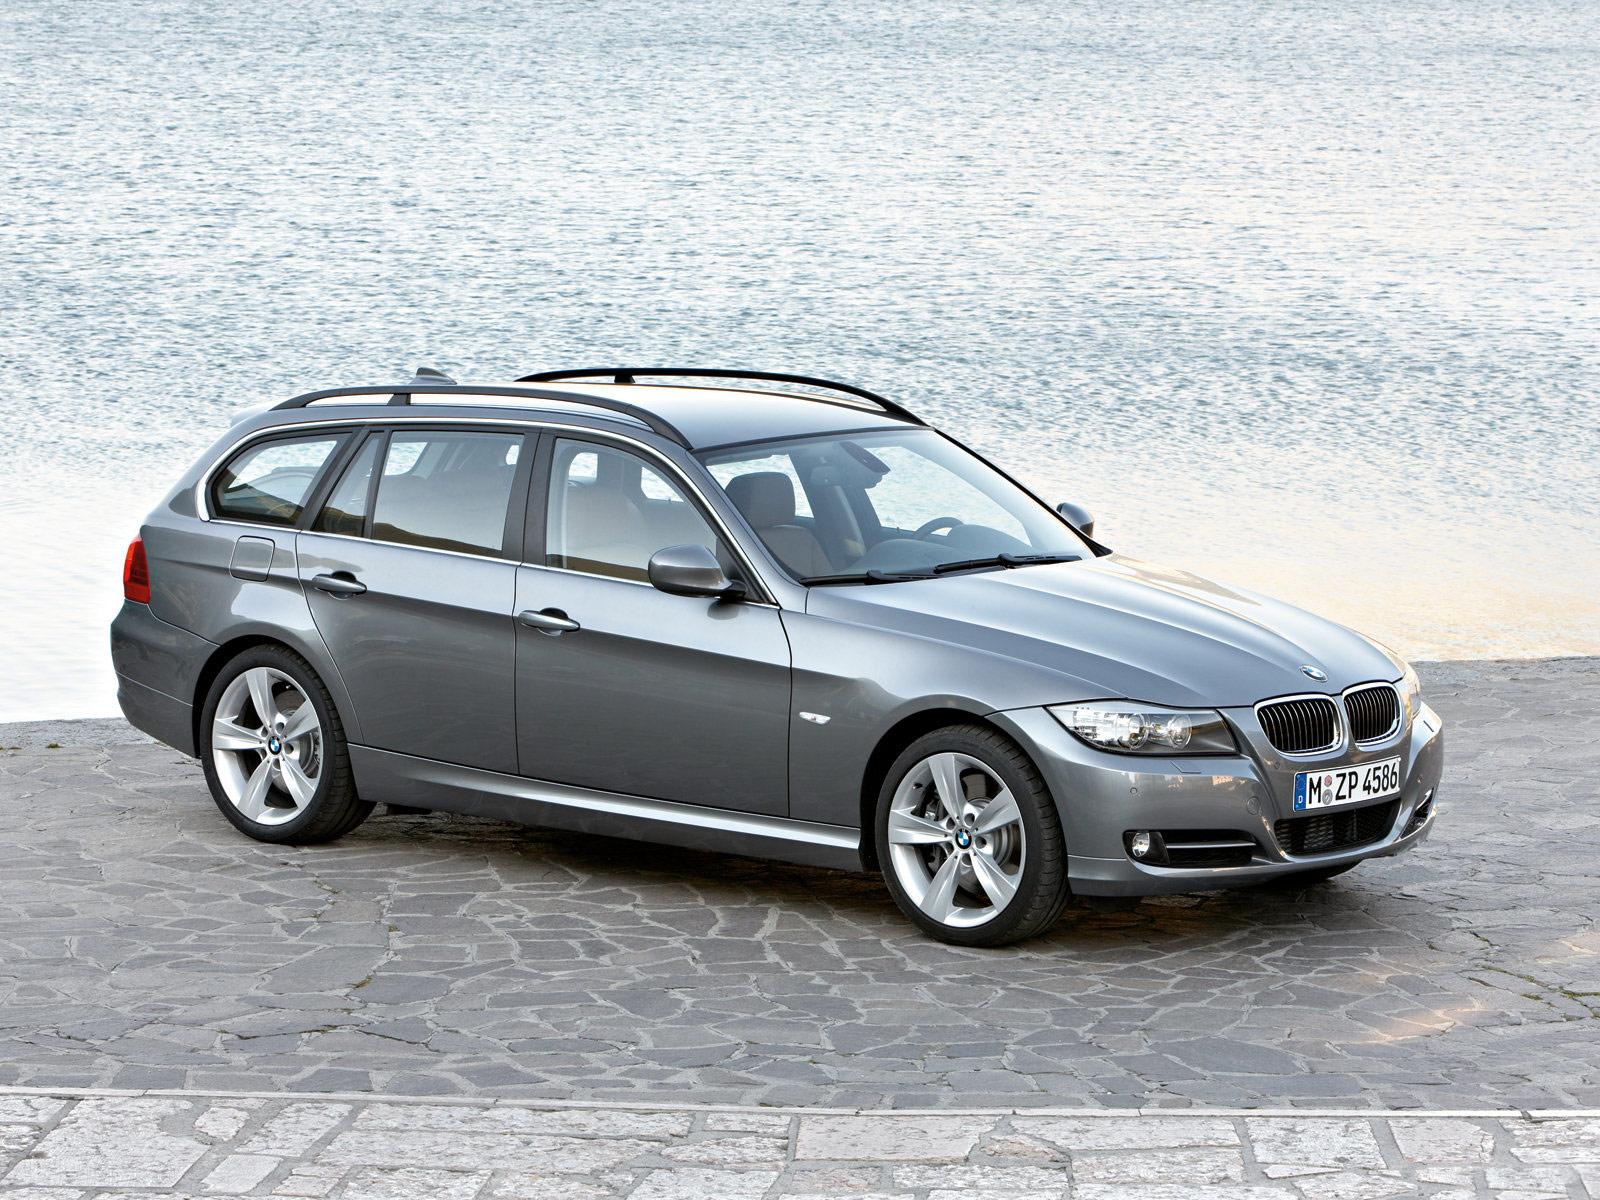 CAR FORUM. CAR BRAND. CAR REVIEW.: BMW 3-Series Touring (2009)